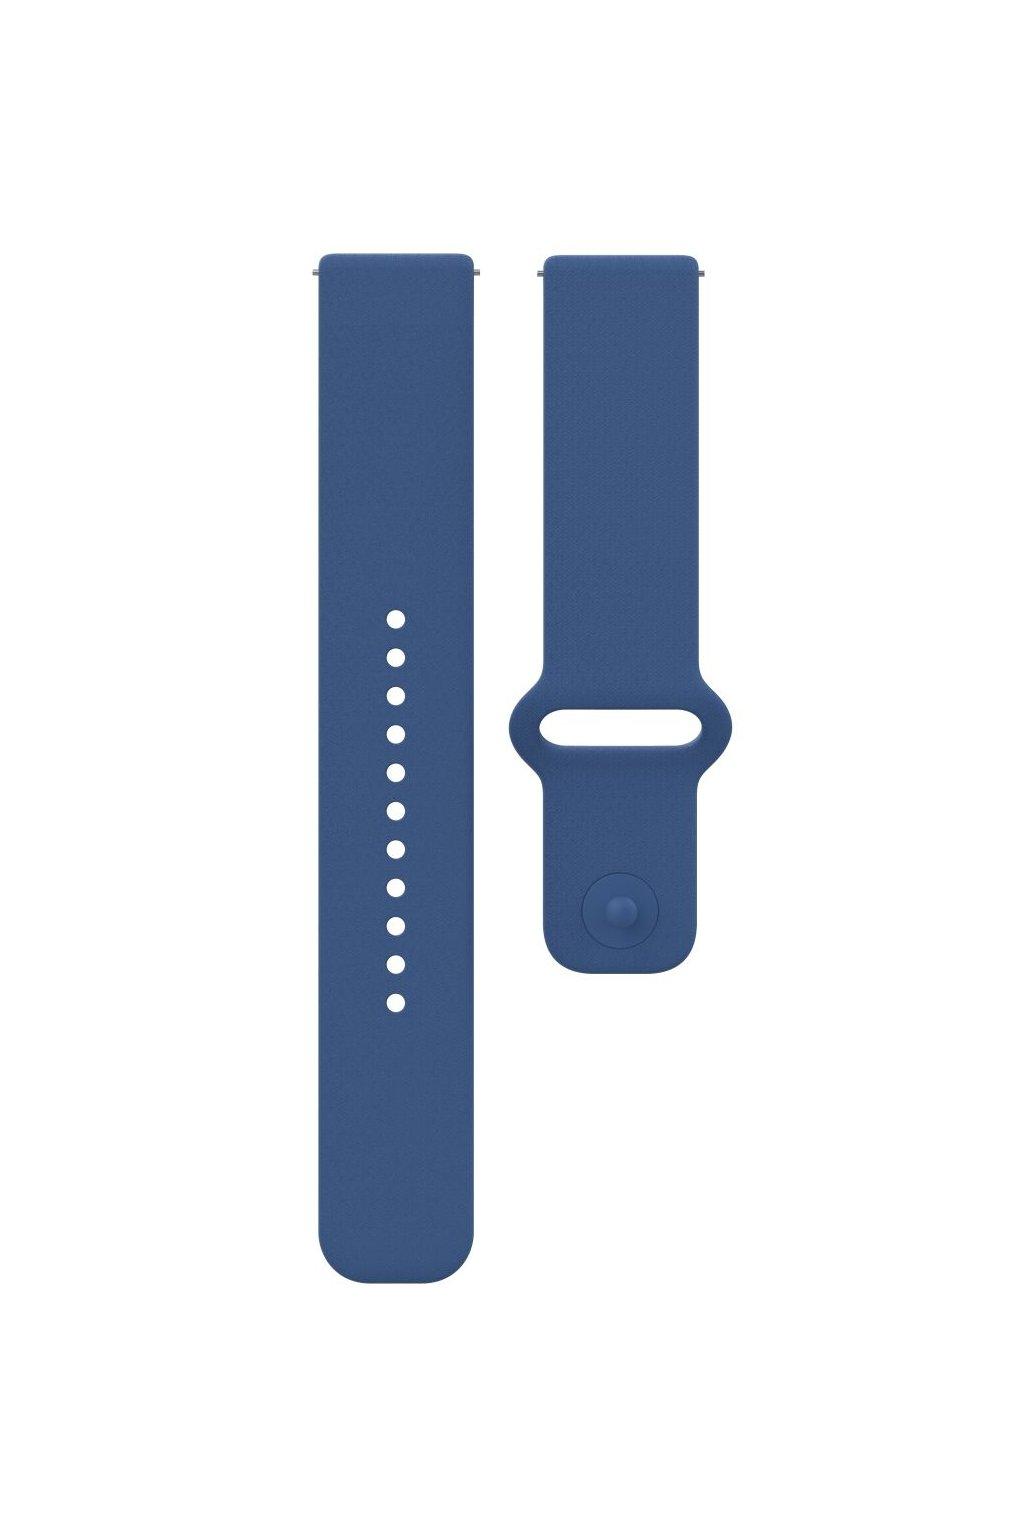 Polar Unite accessory silicone wristband blue